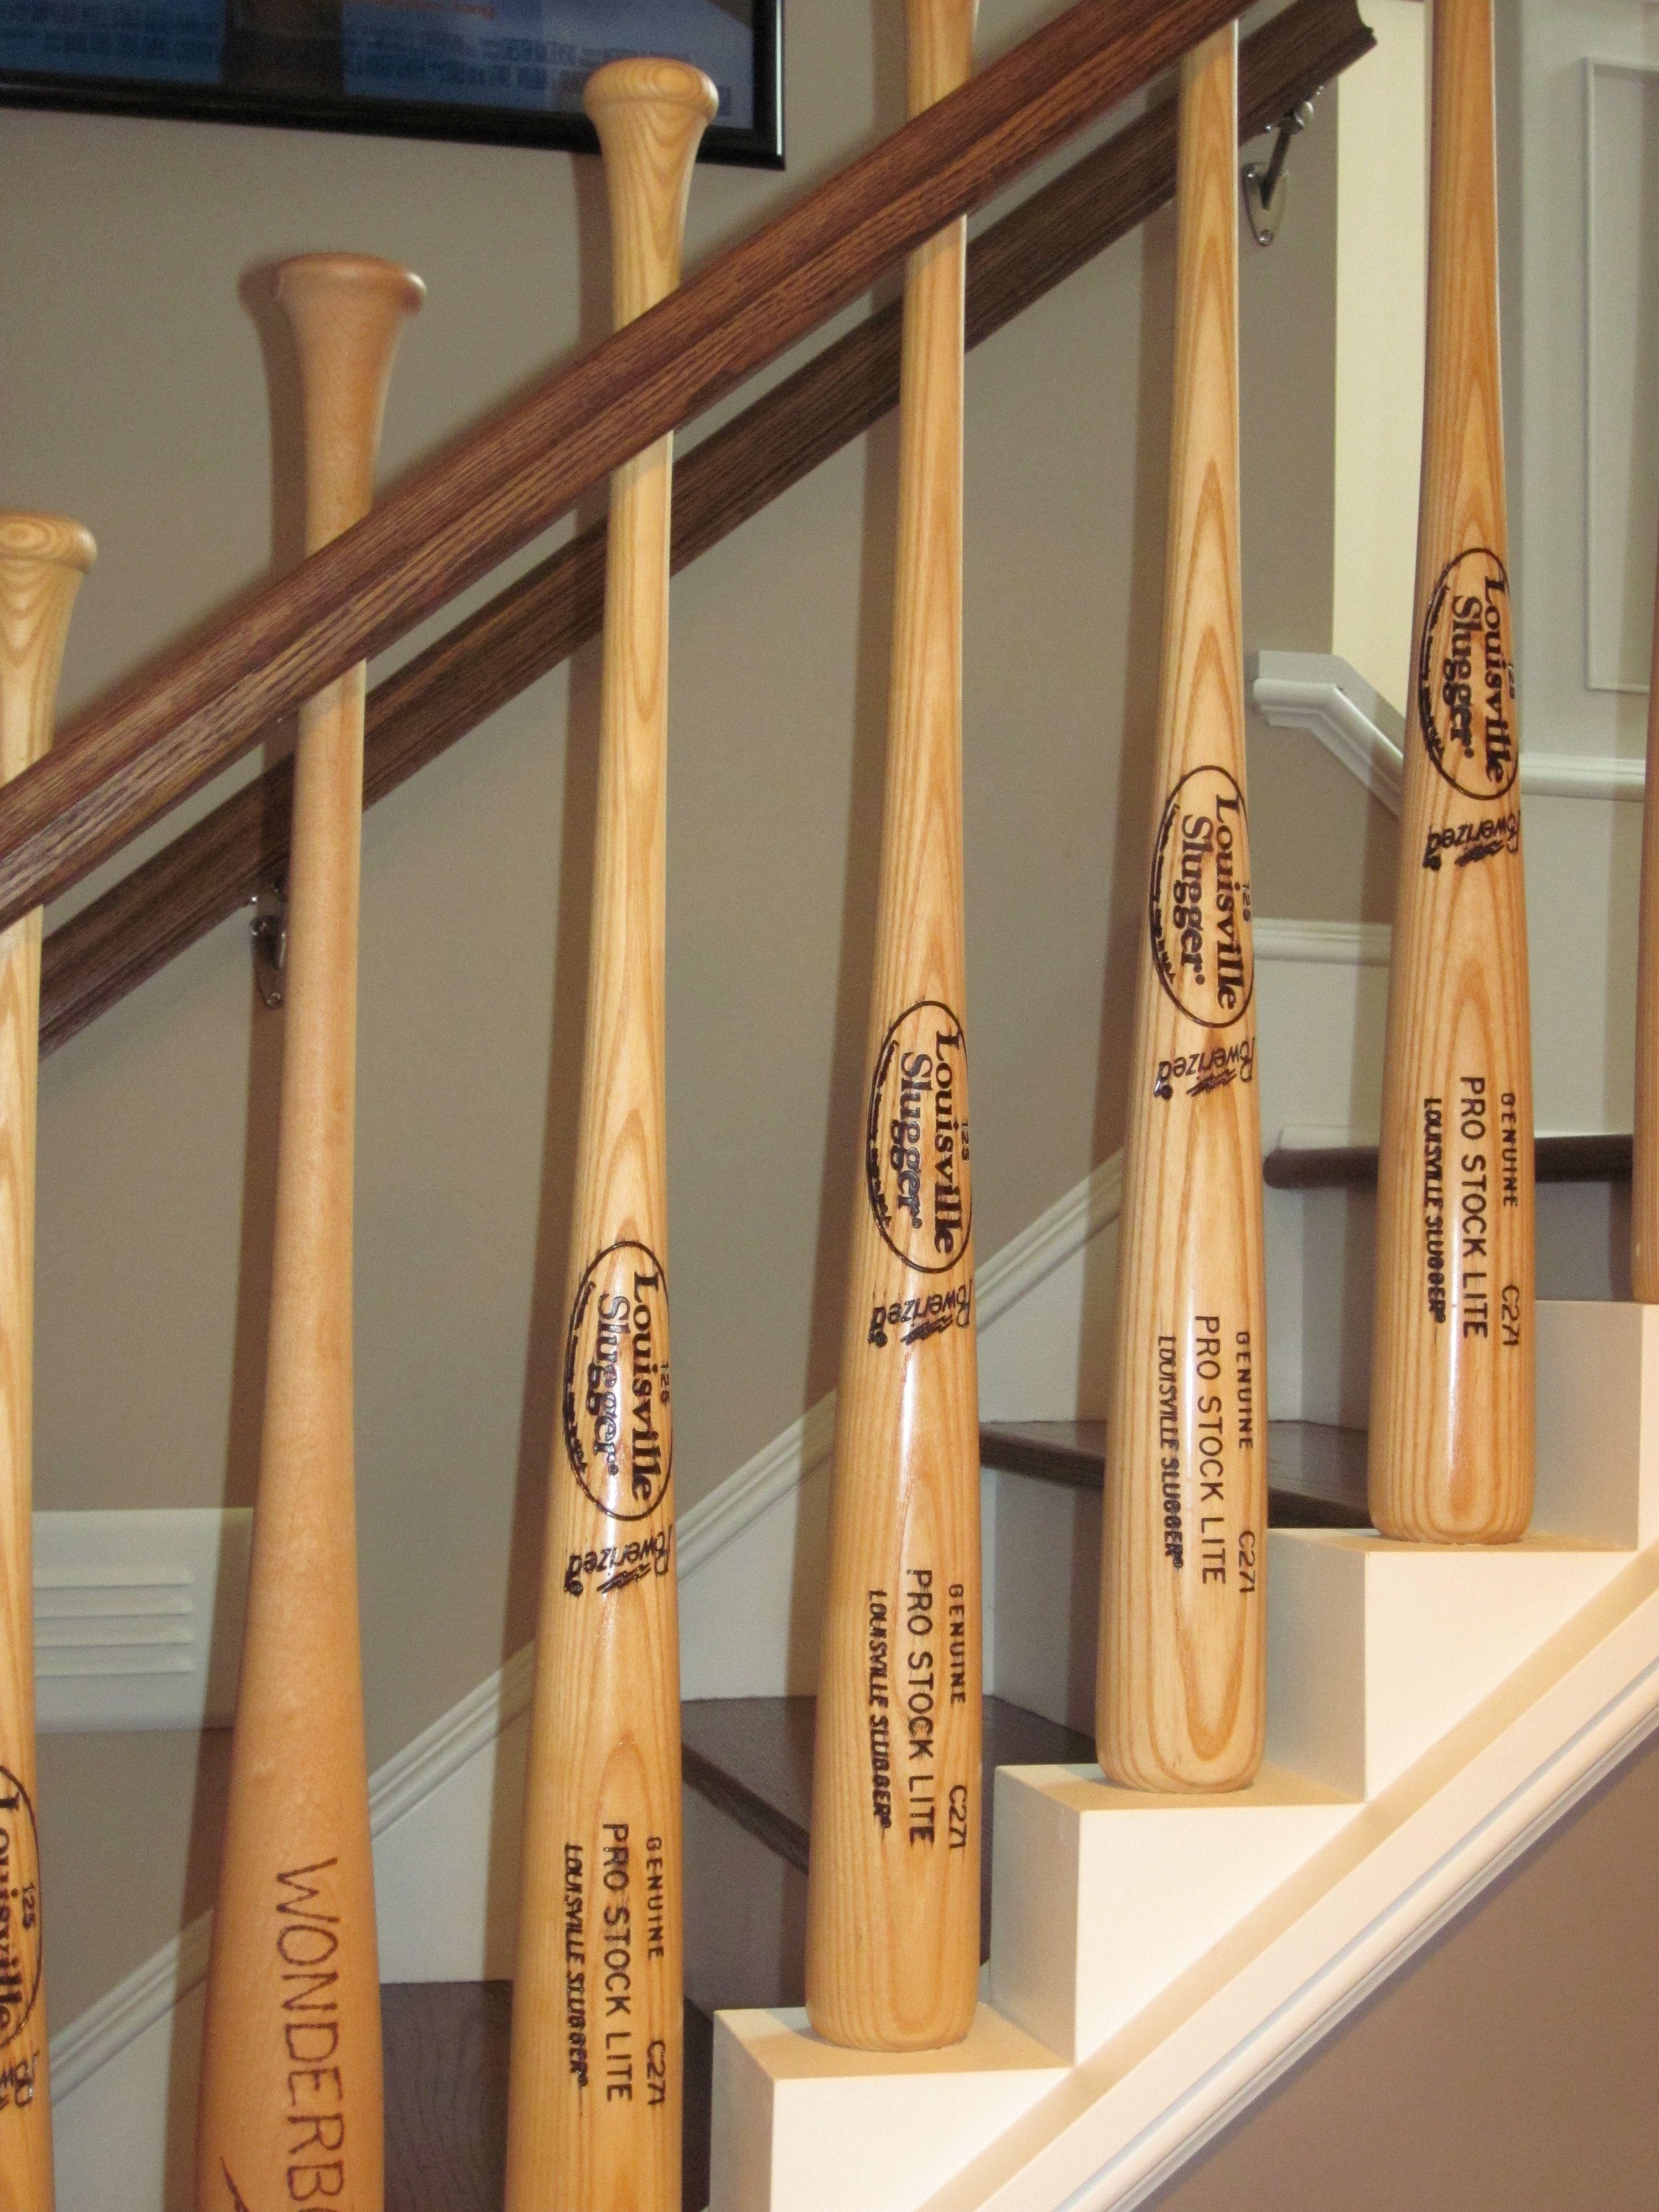 Cheap Wooden Baseball Bats For Crafts